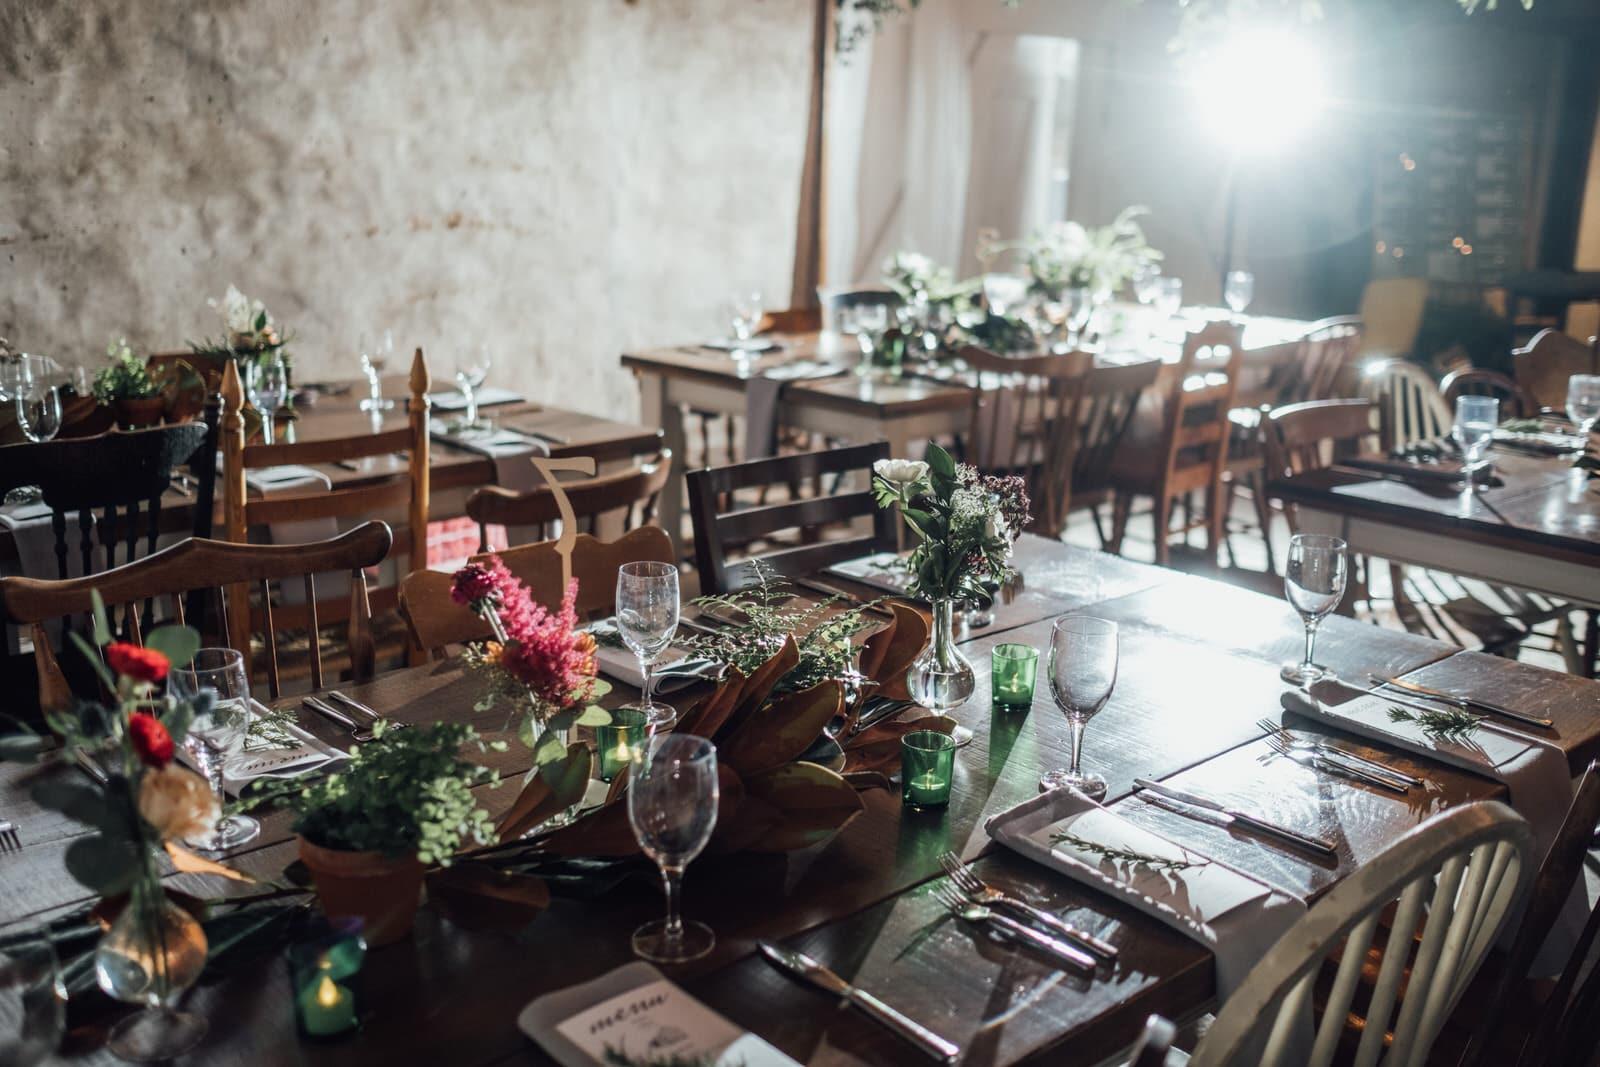 Rustic Barn Wedding Venue - Durham Hill Farm